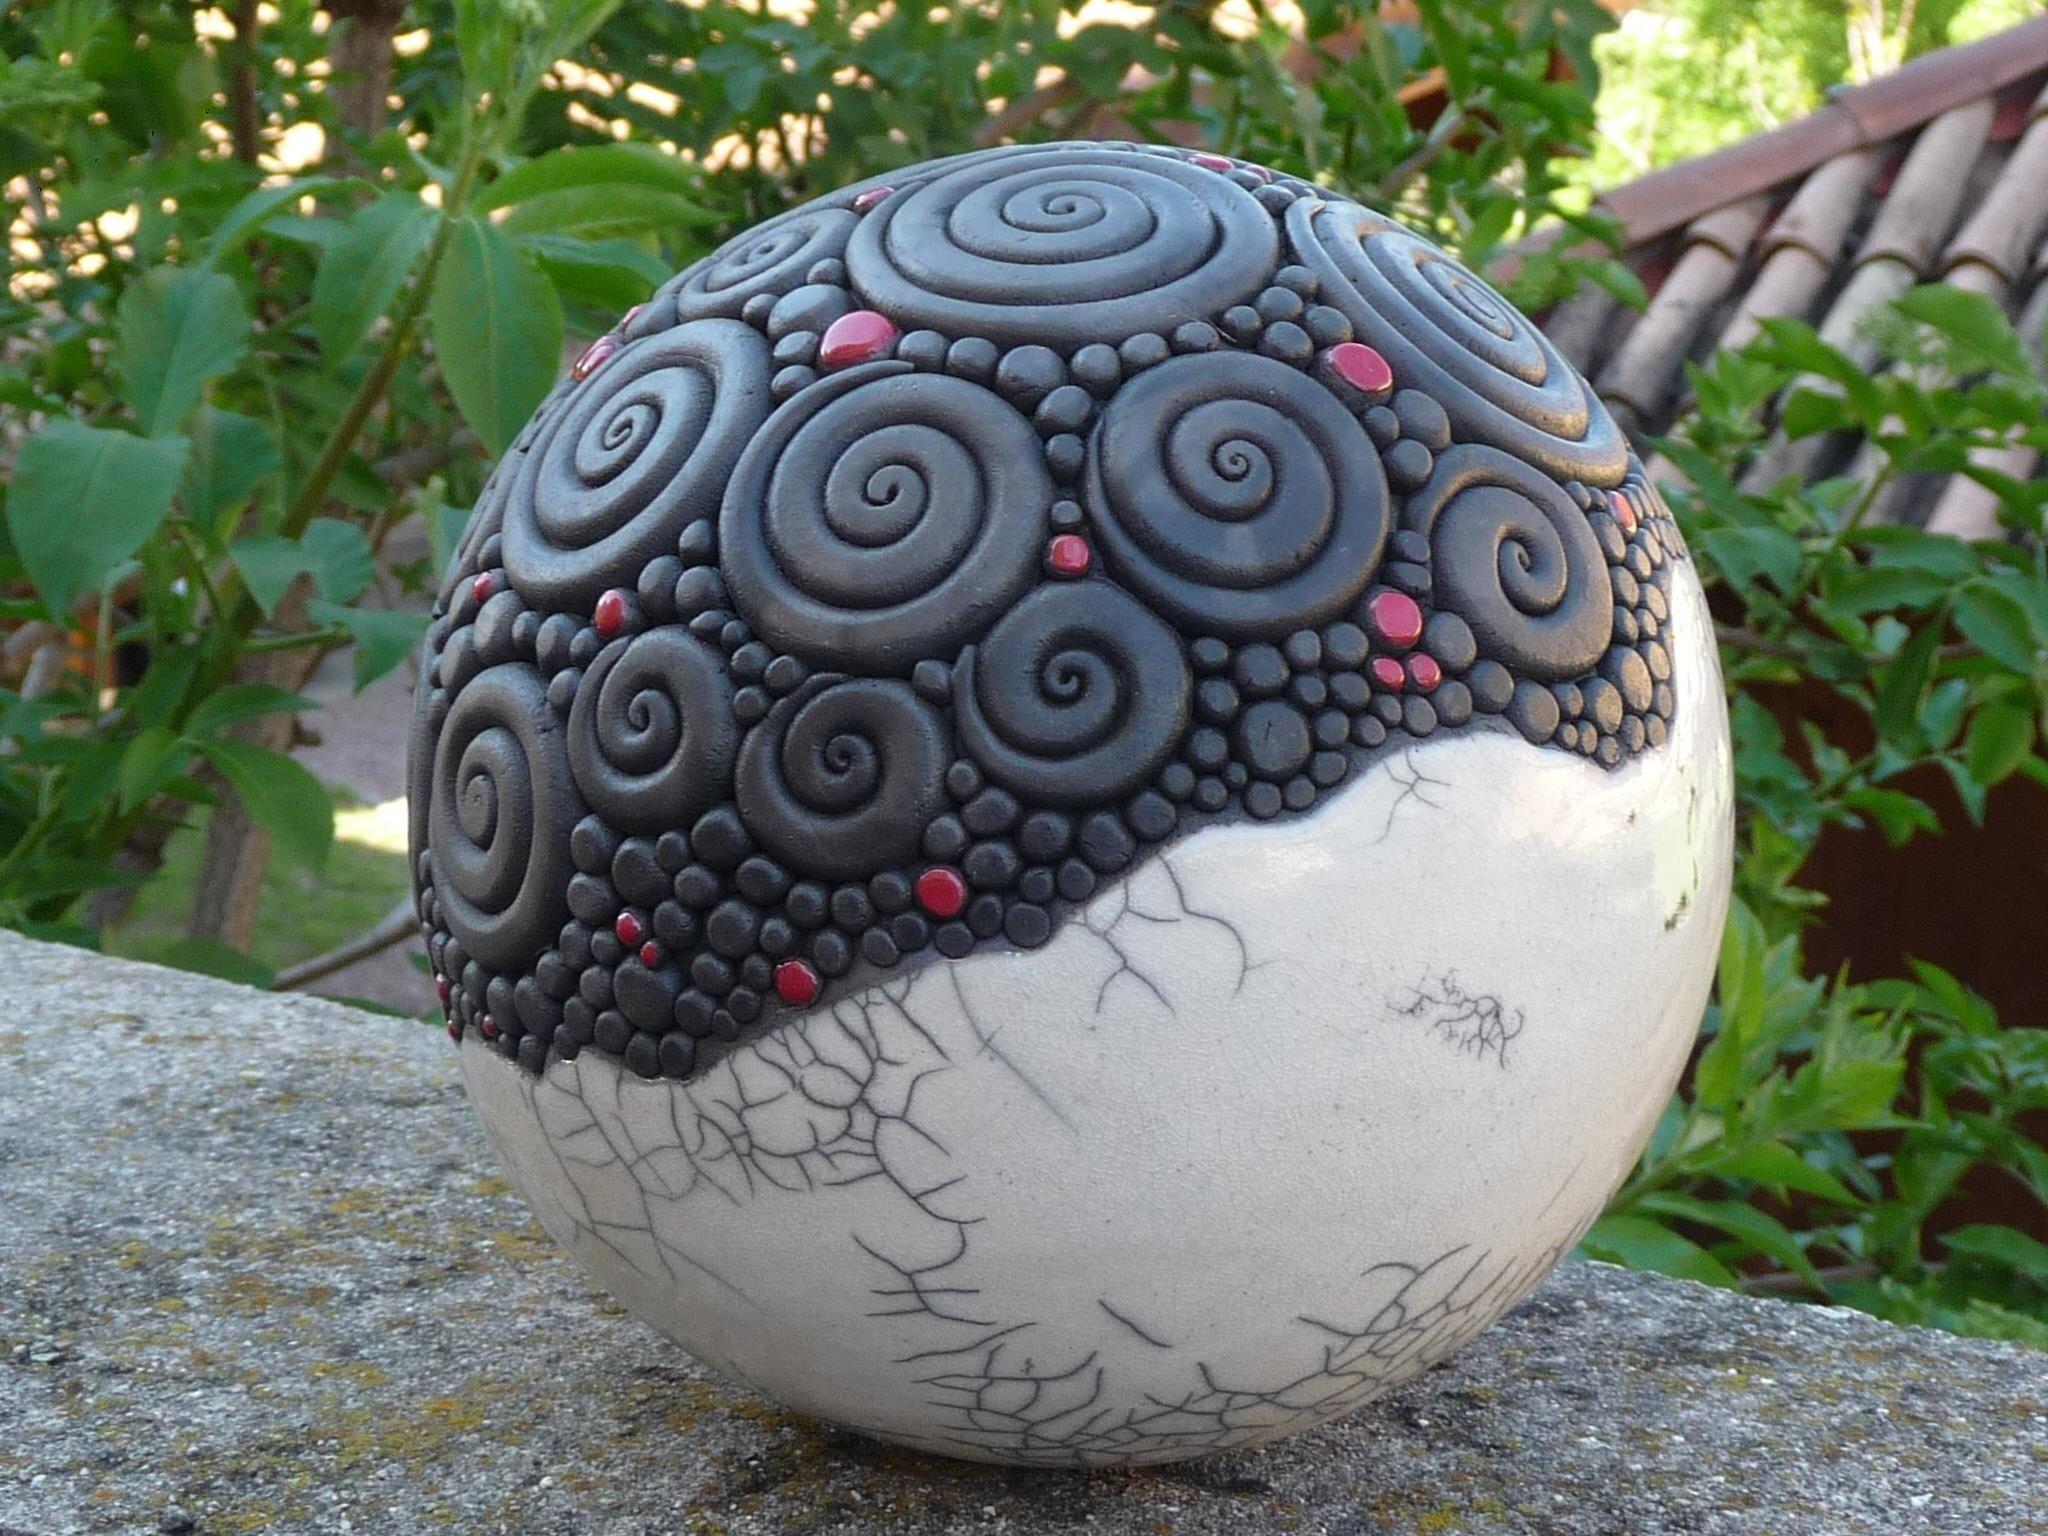 Épinglé Par Claudia Postaremczak Sur Raku | Texture ... pour Boule Céramique Jardin